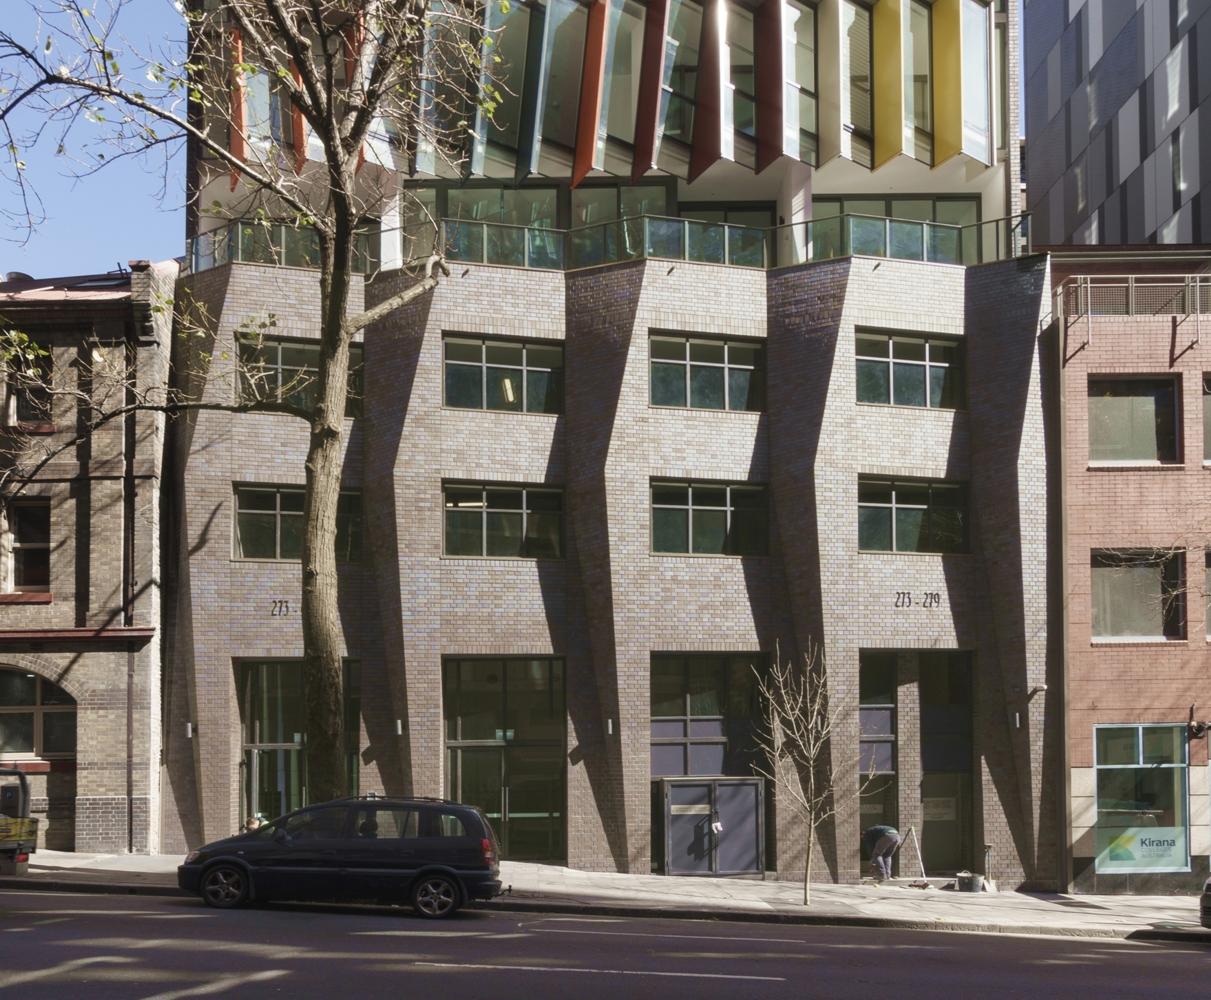 طراحی نمای ساختمان با موزاییک های رنگی